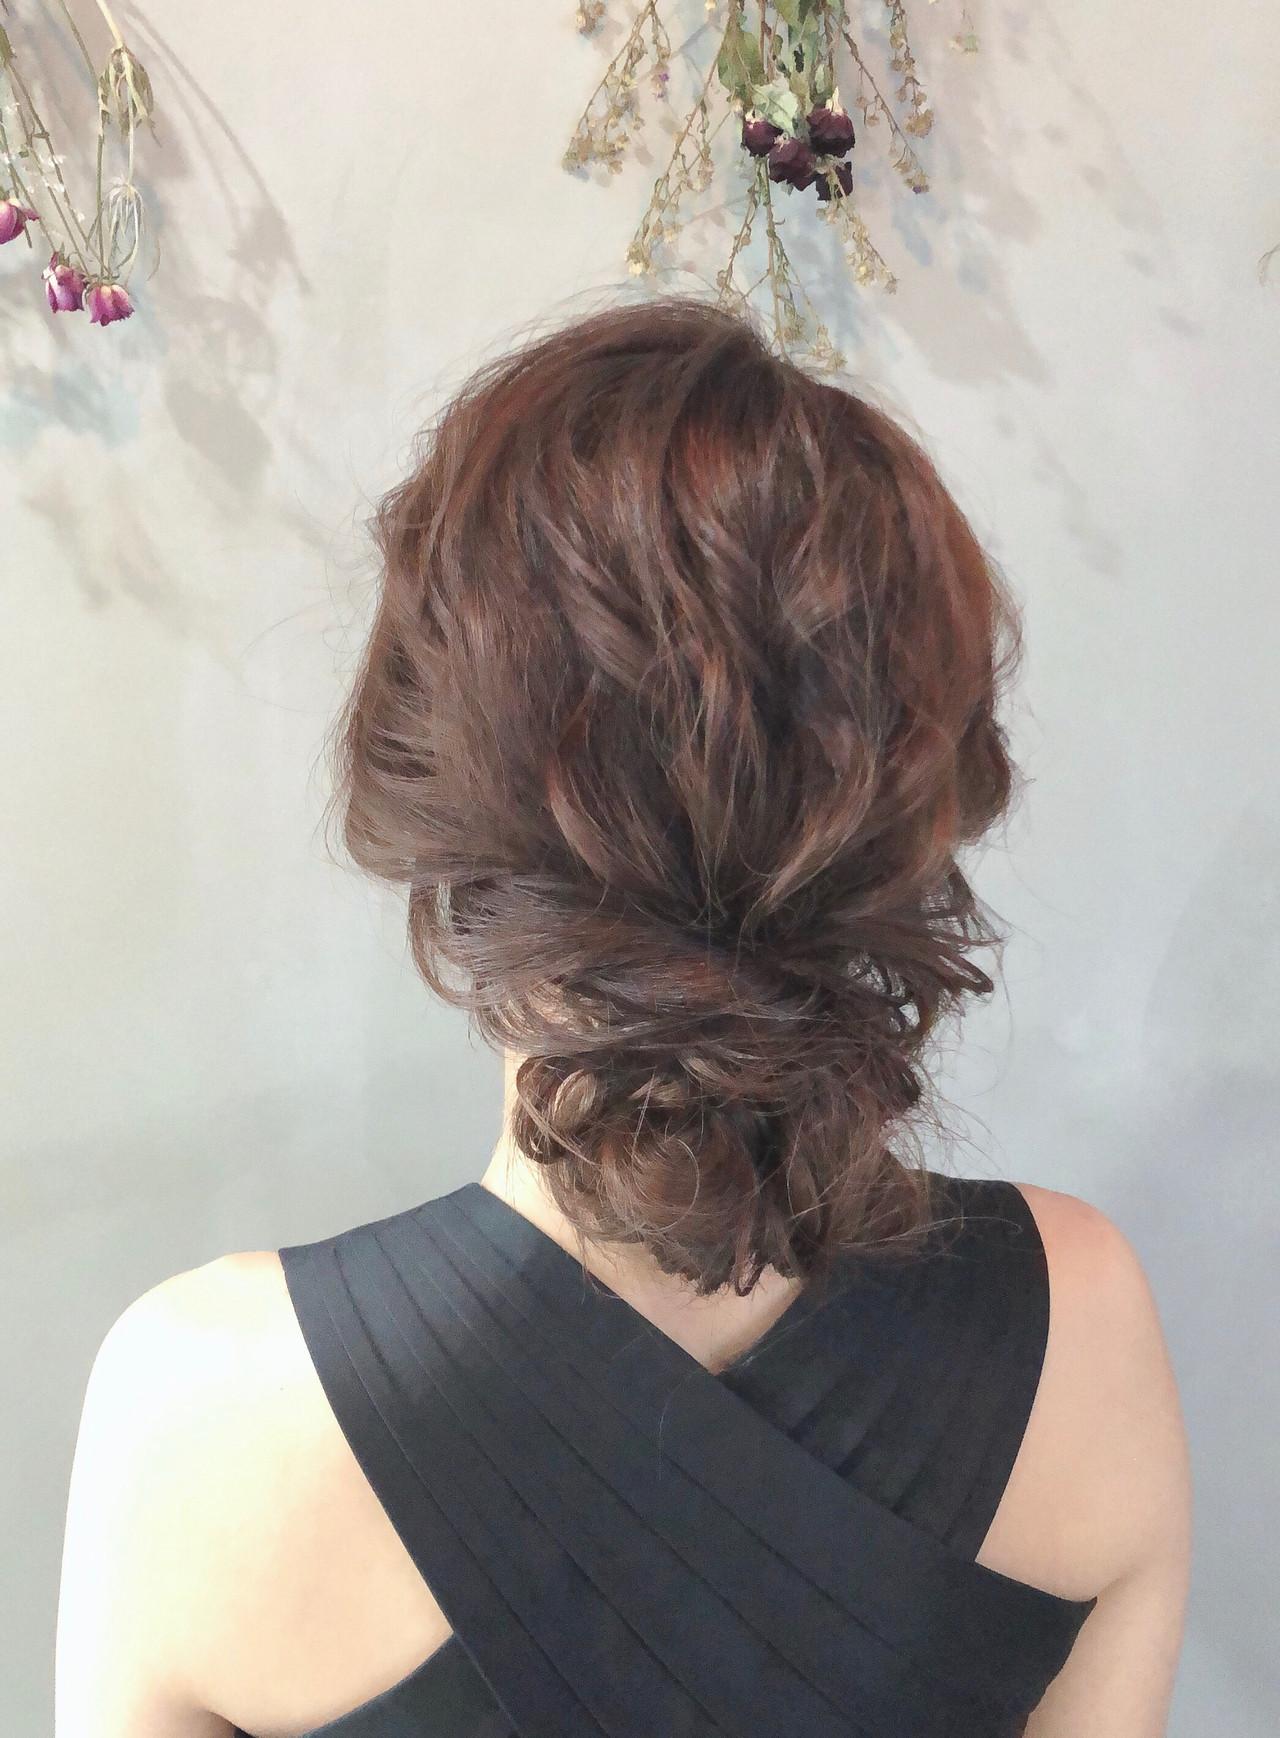 シニヨン お呼ばれヘア 外国人風 大人かわいい ヘアスタイルや髪型の写真・画像